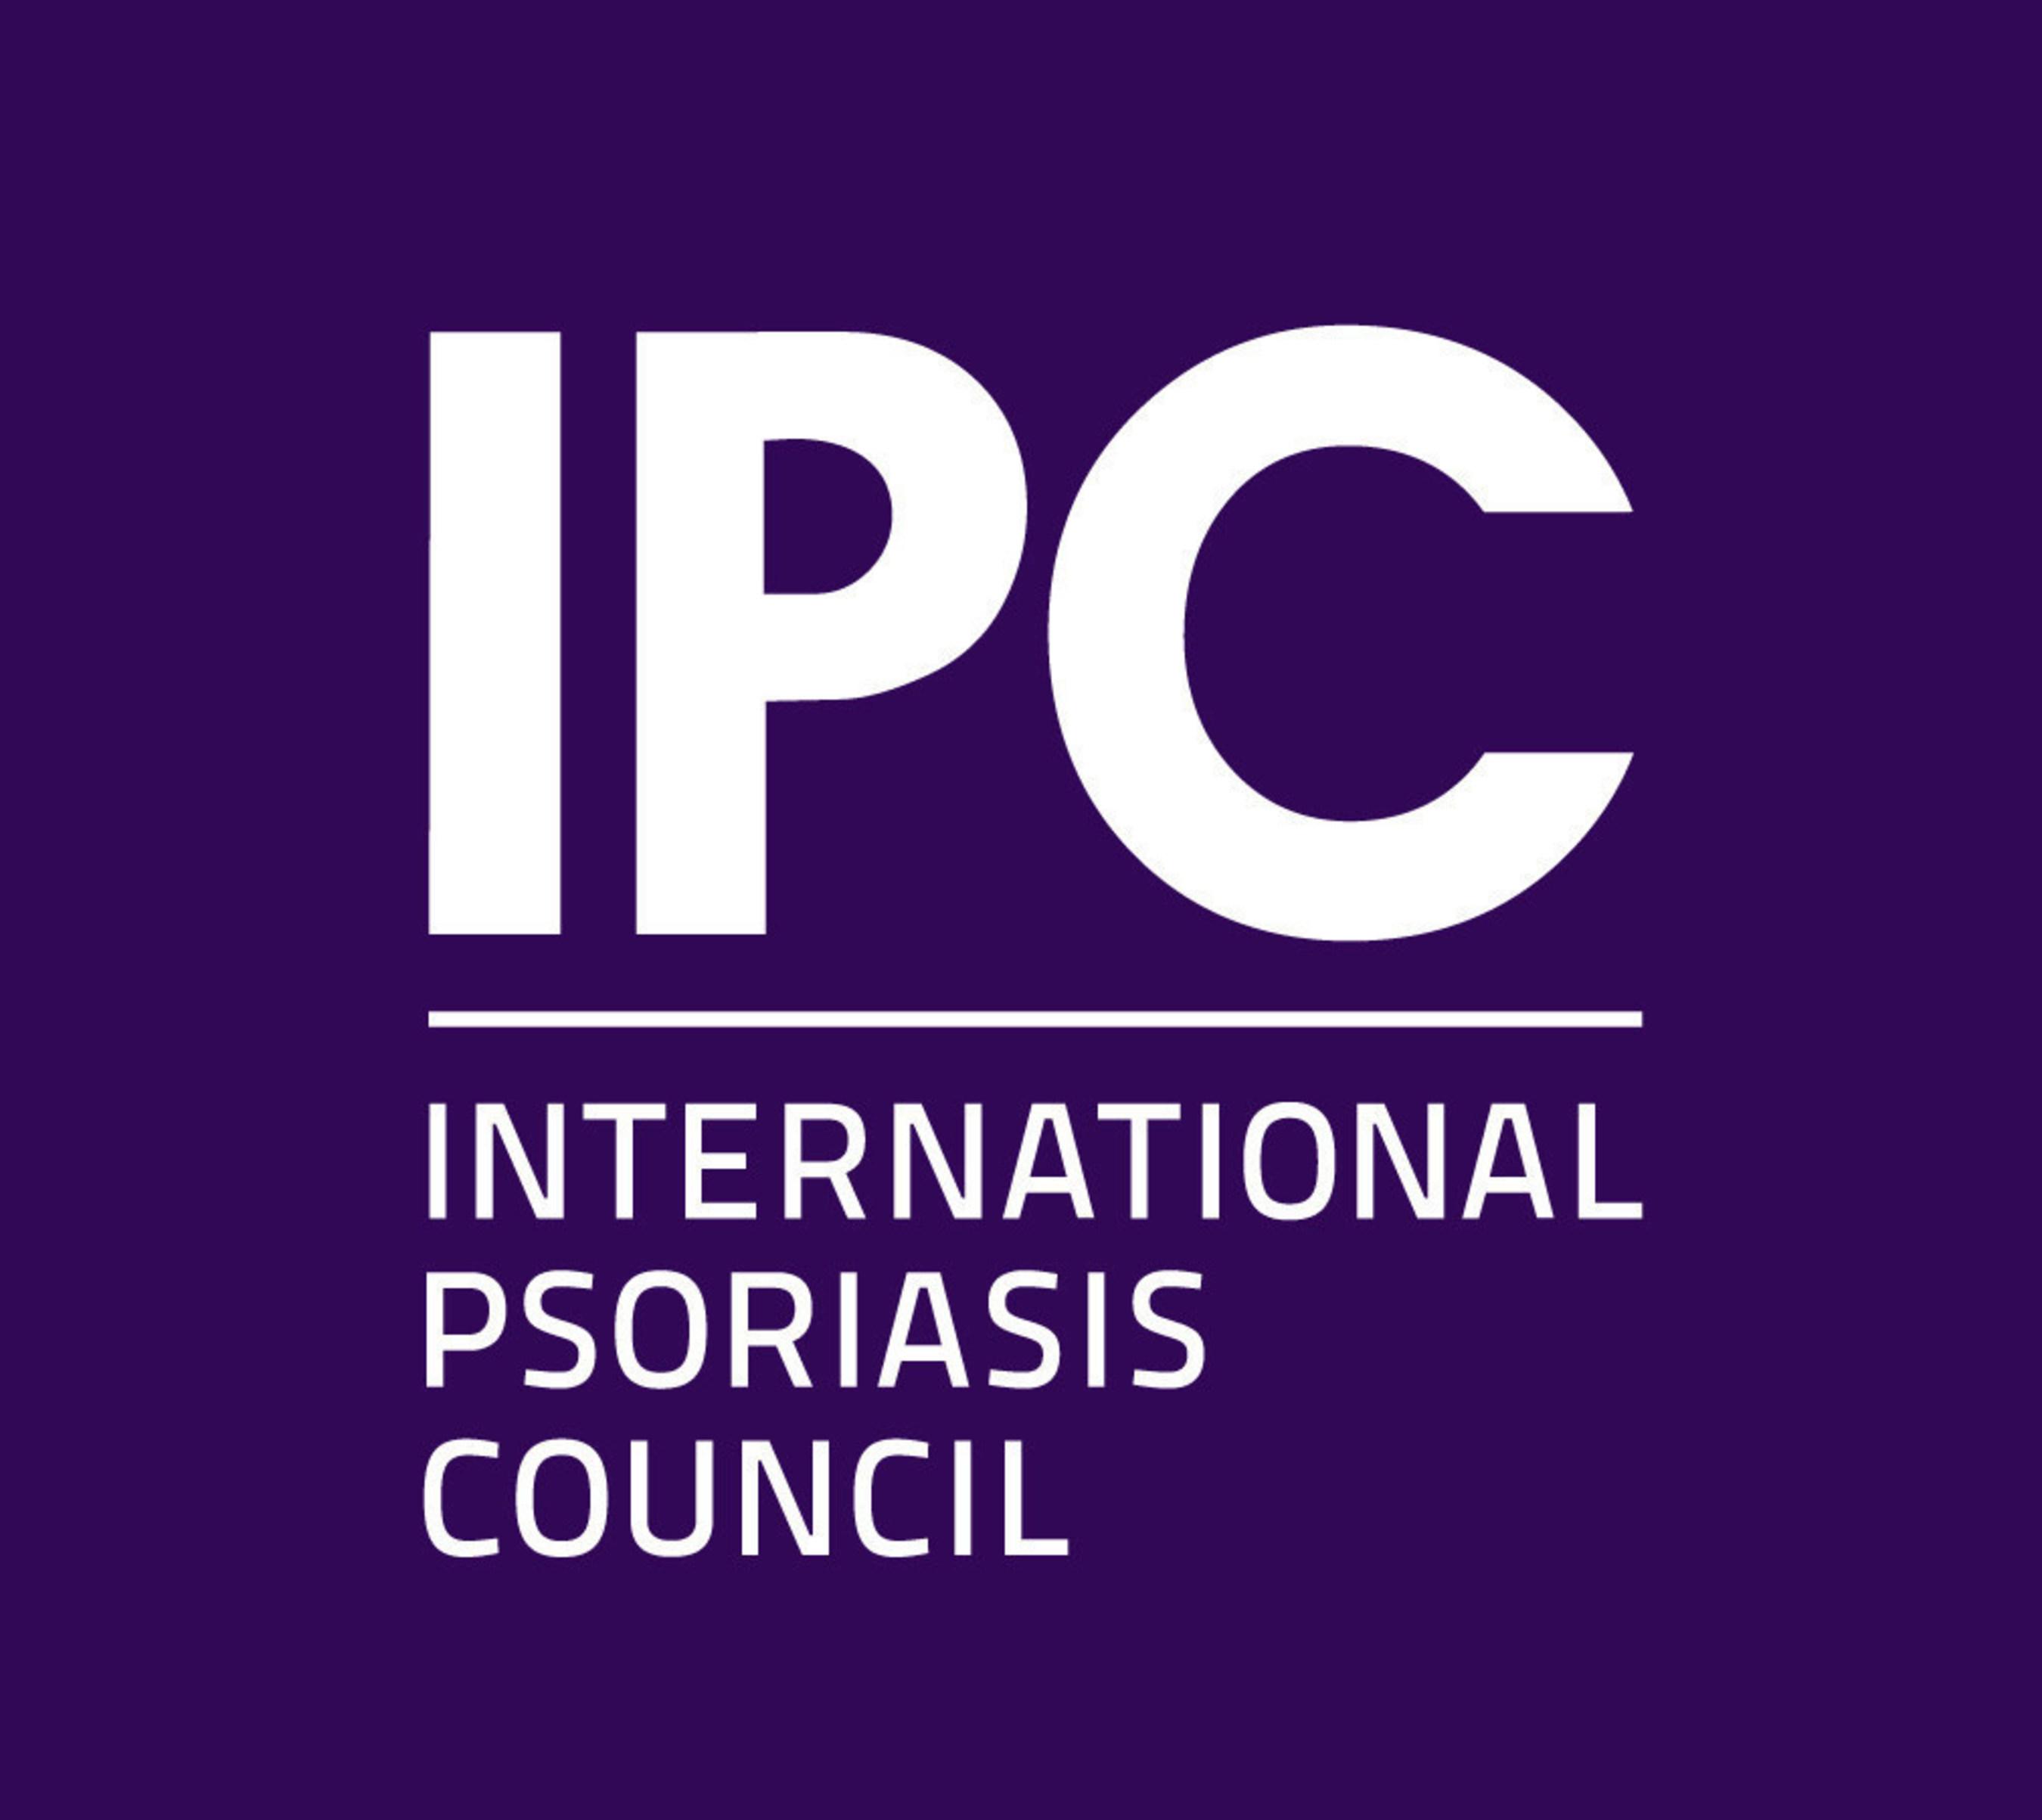 British Journal of Dermatology veröffentlicht Forschungsschwerpunkte des International Psoriasis